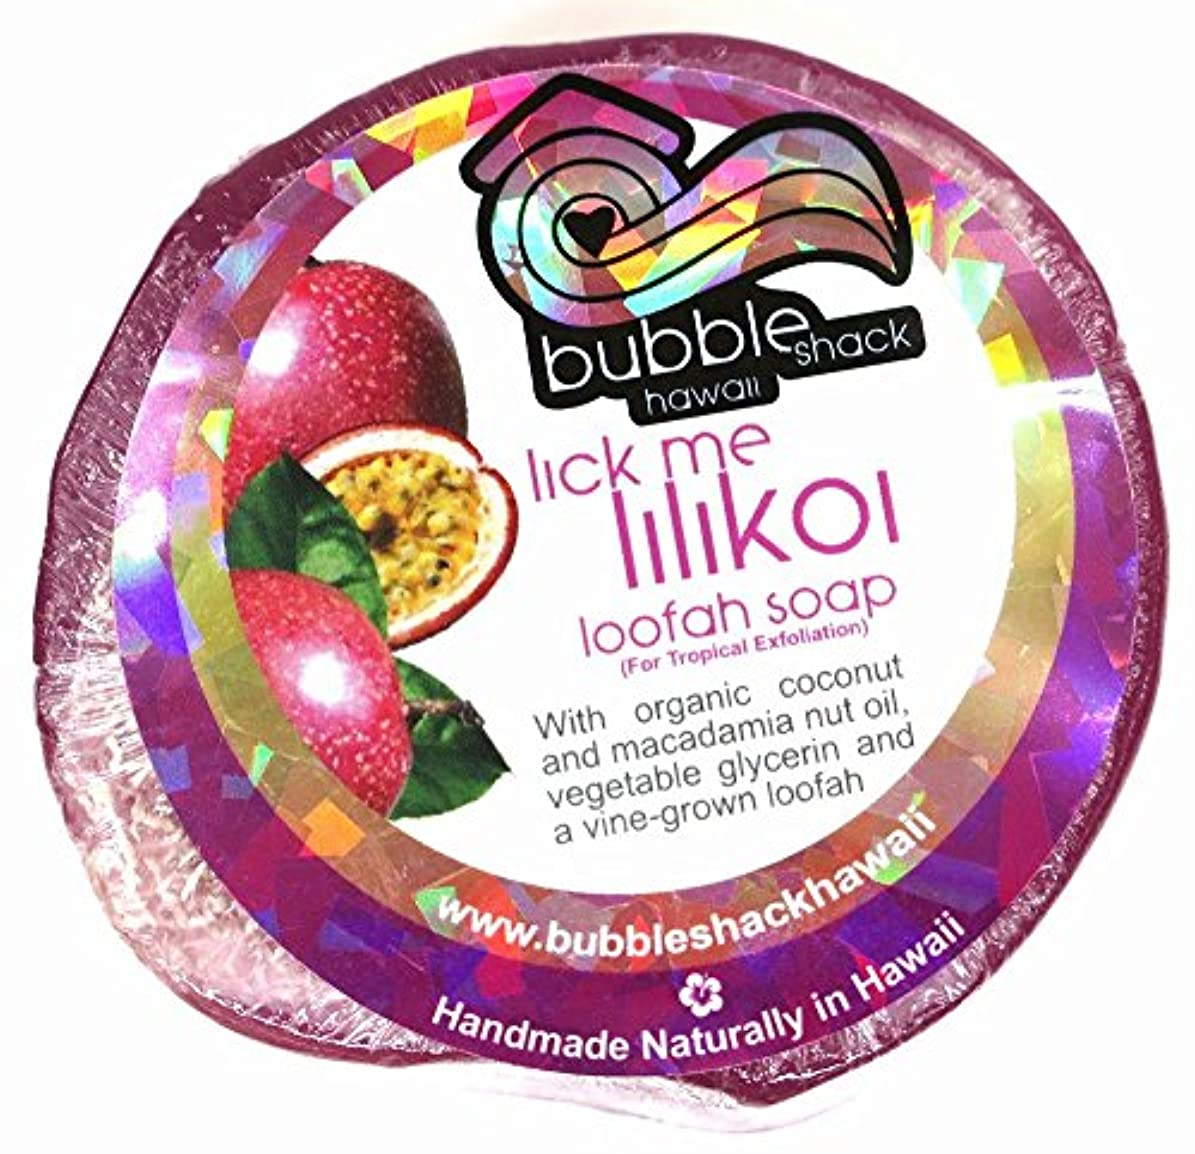 はぁタヒチ愛するハワイアン雑貨/ハワイ 雑貨【バブルシャック】Bubble Shack Hawaii ルーファーソープ(リックミーリリコイ) 【お土産】